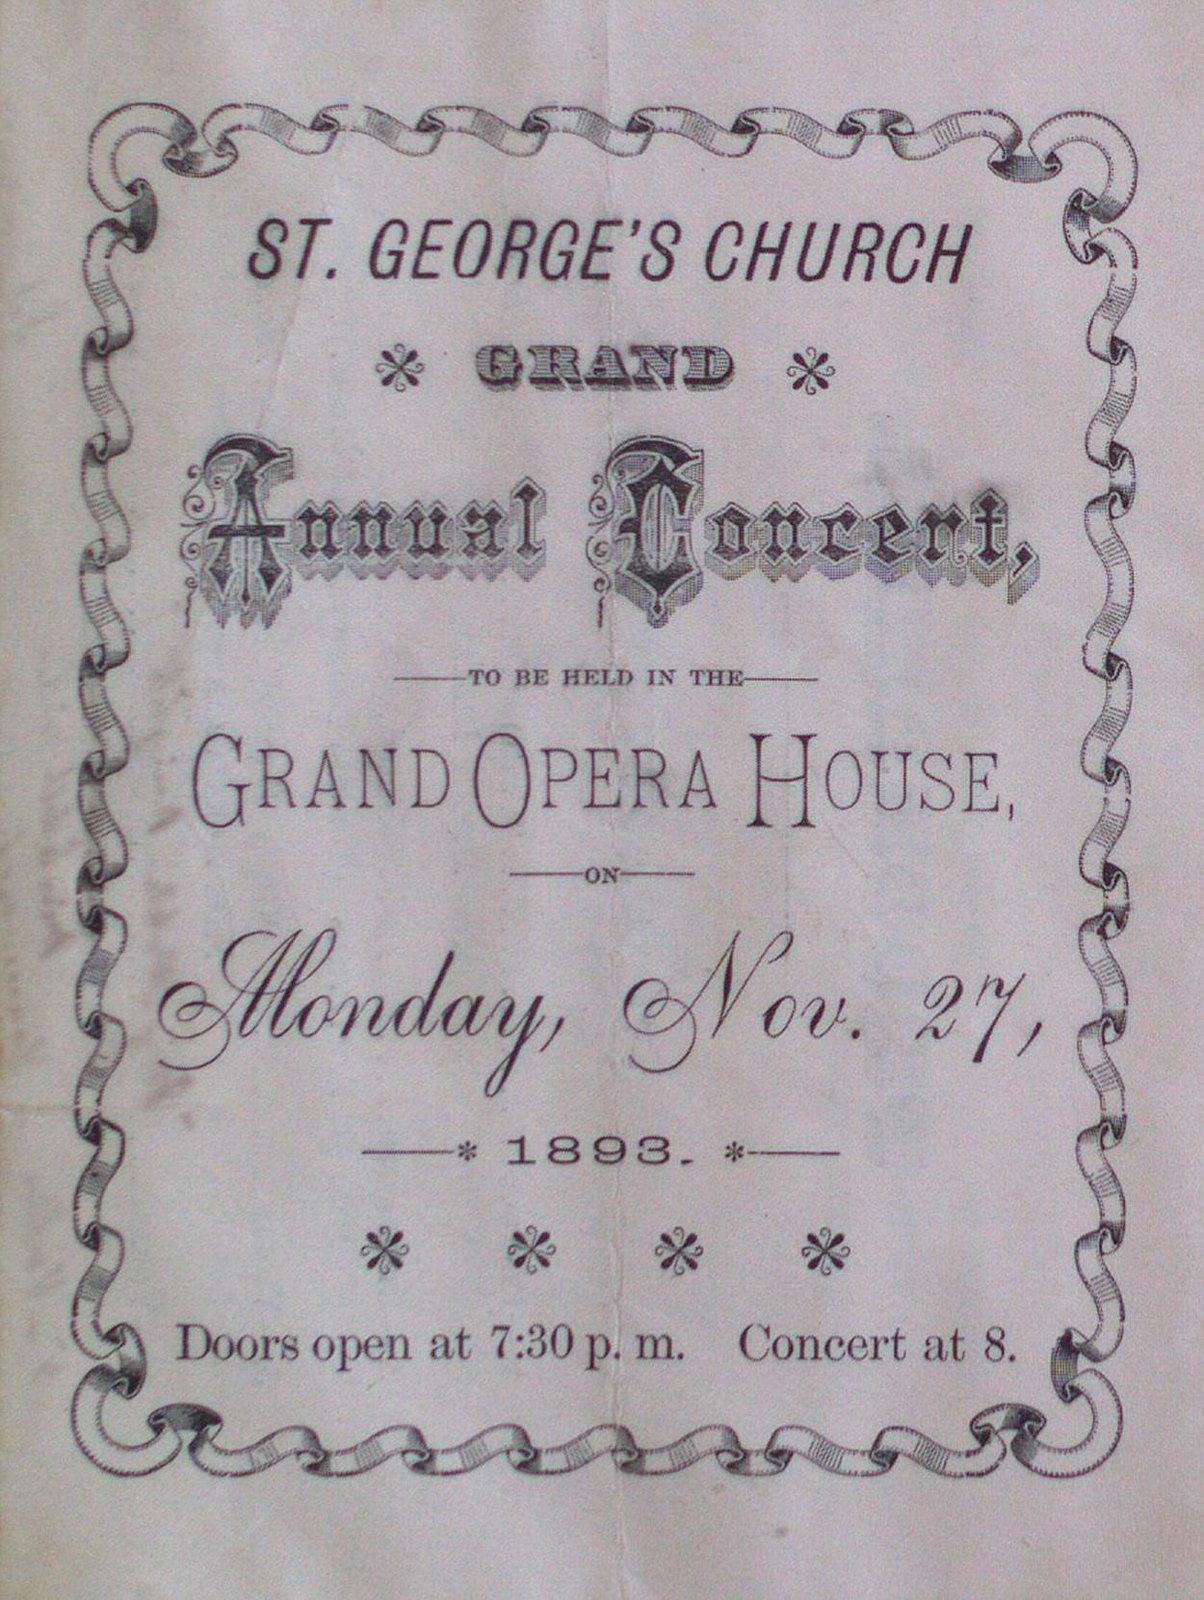 Teresa Vanderburgh's Musical Scrapbook #1 - St. George's Church Grand Annual Concert Program